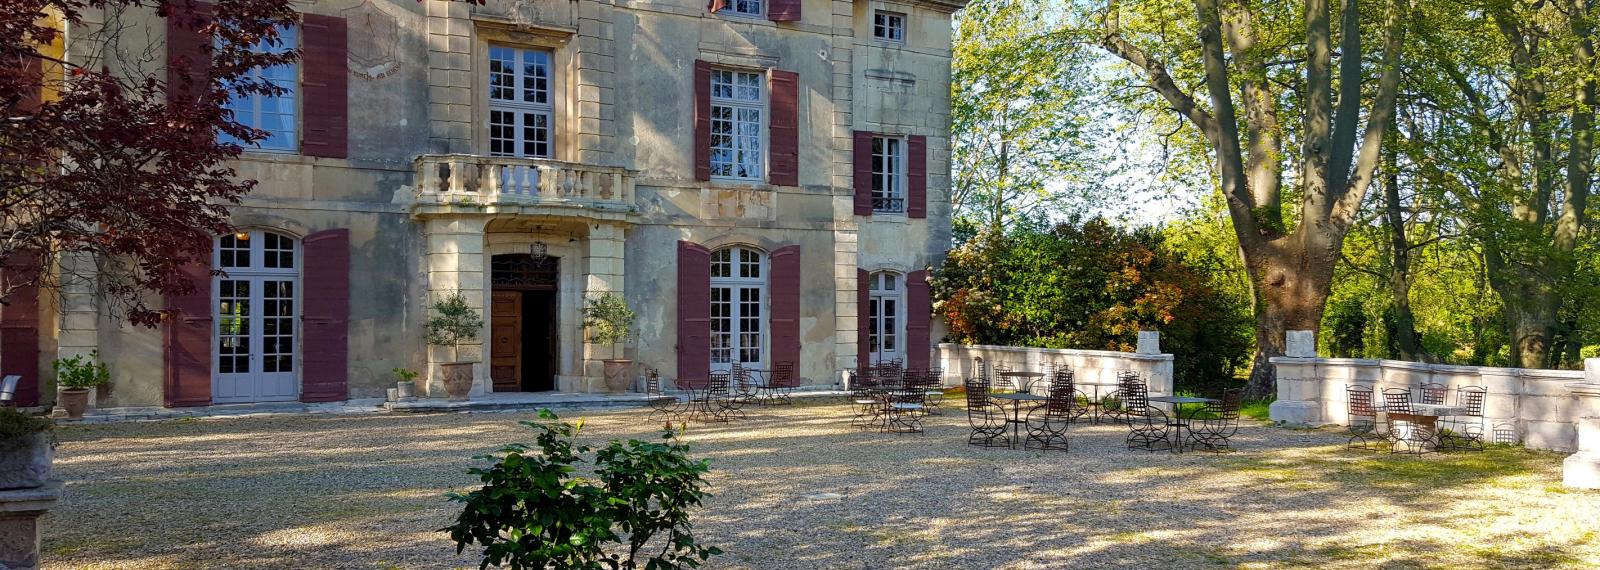 Château de Roussan à Saint-Rémy-de-Provence